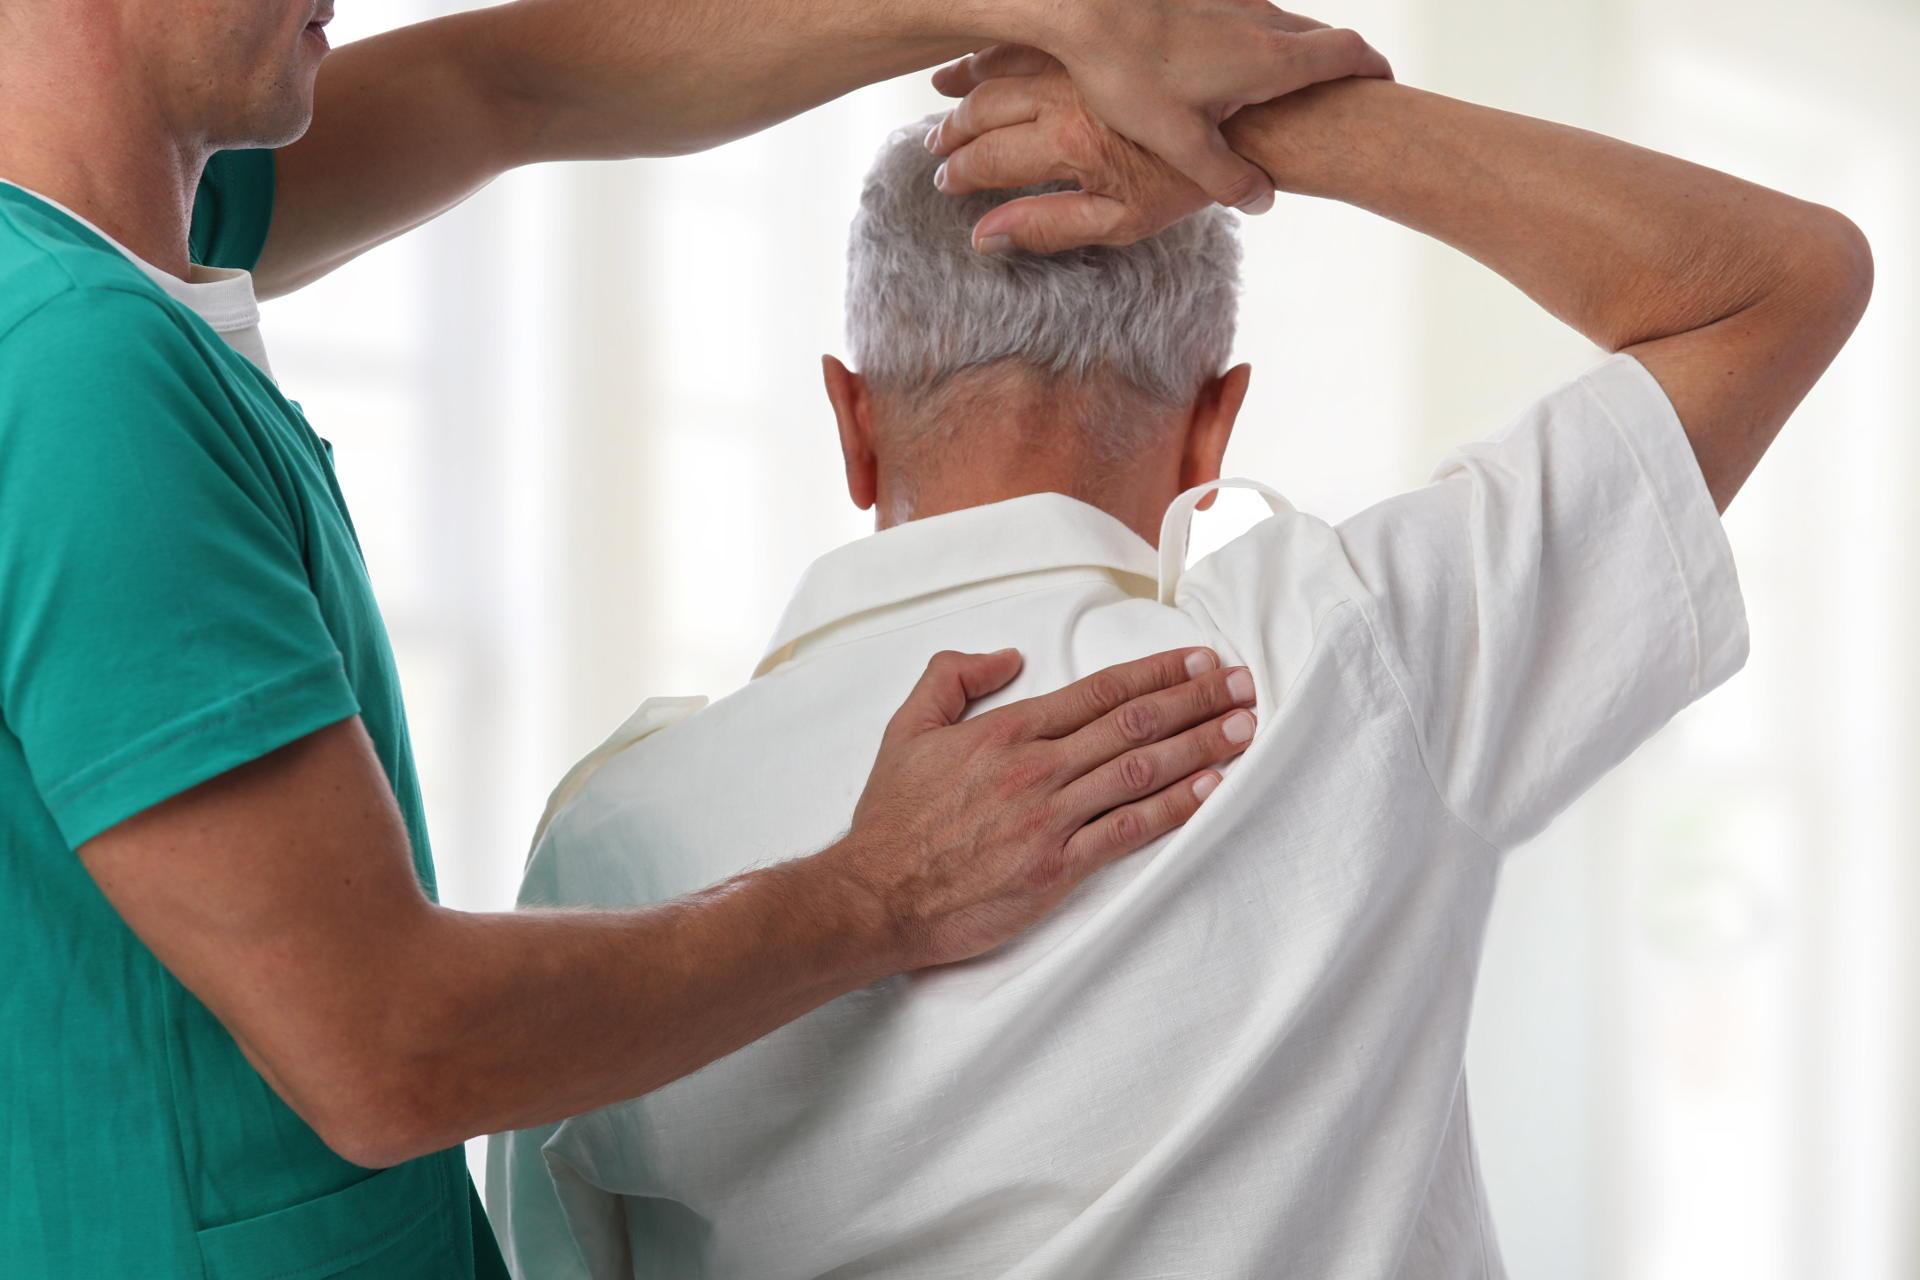 شناخت بیماری دردناک نادر نخاعی +سیرنگومیلی و راه های درمان آن